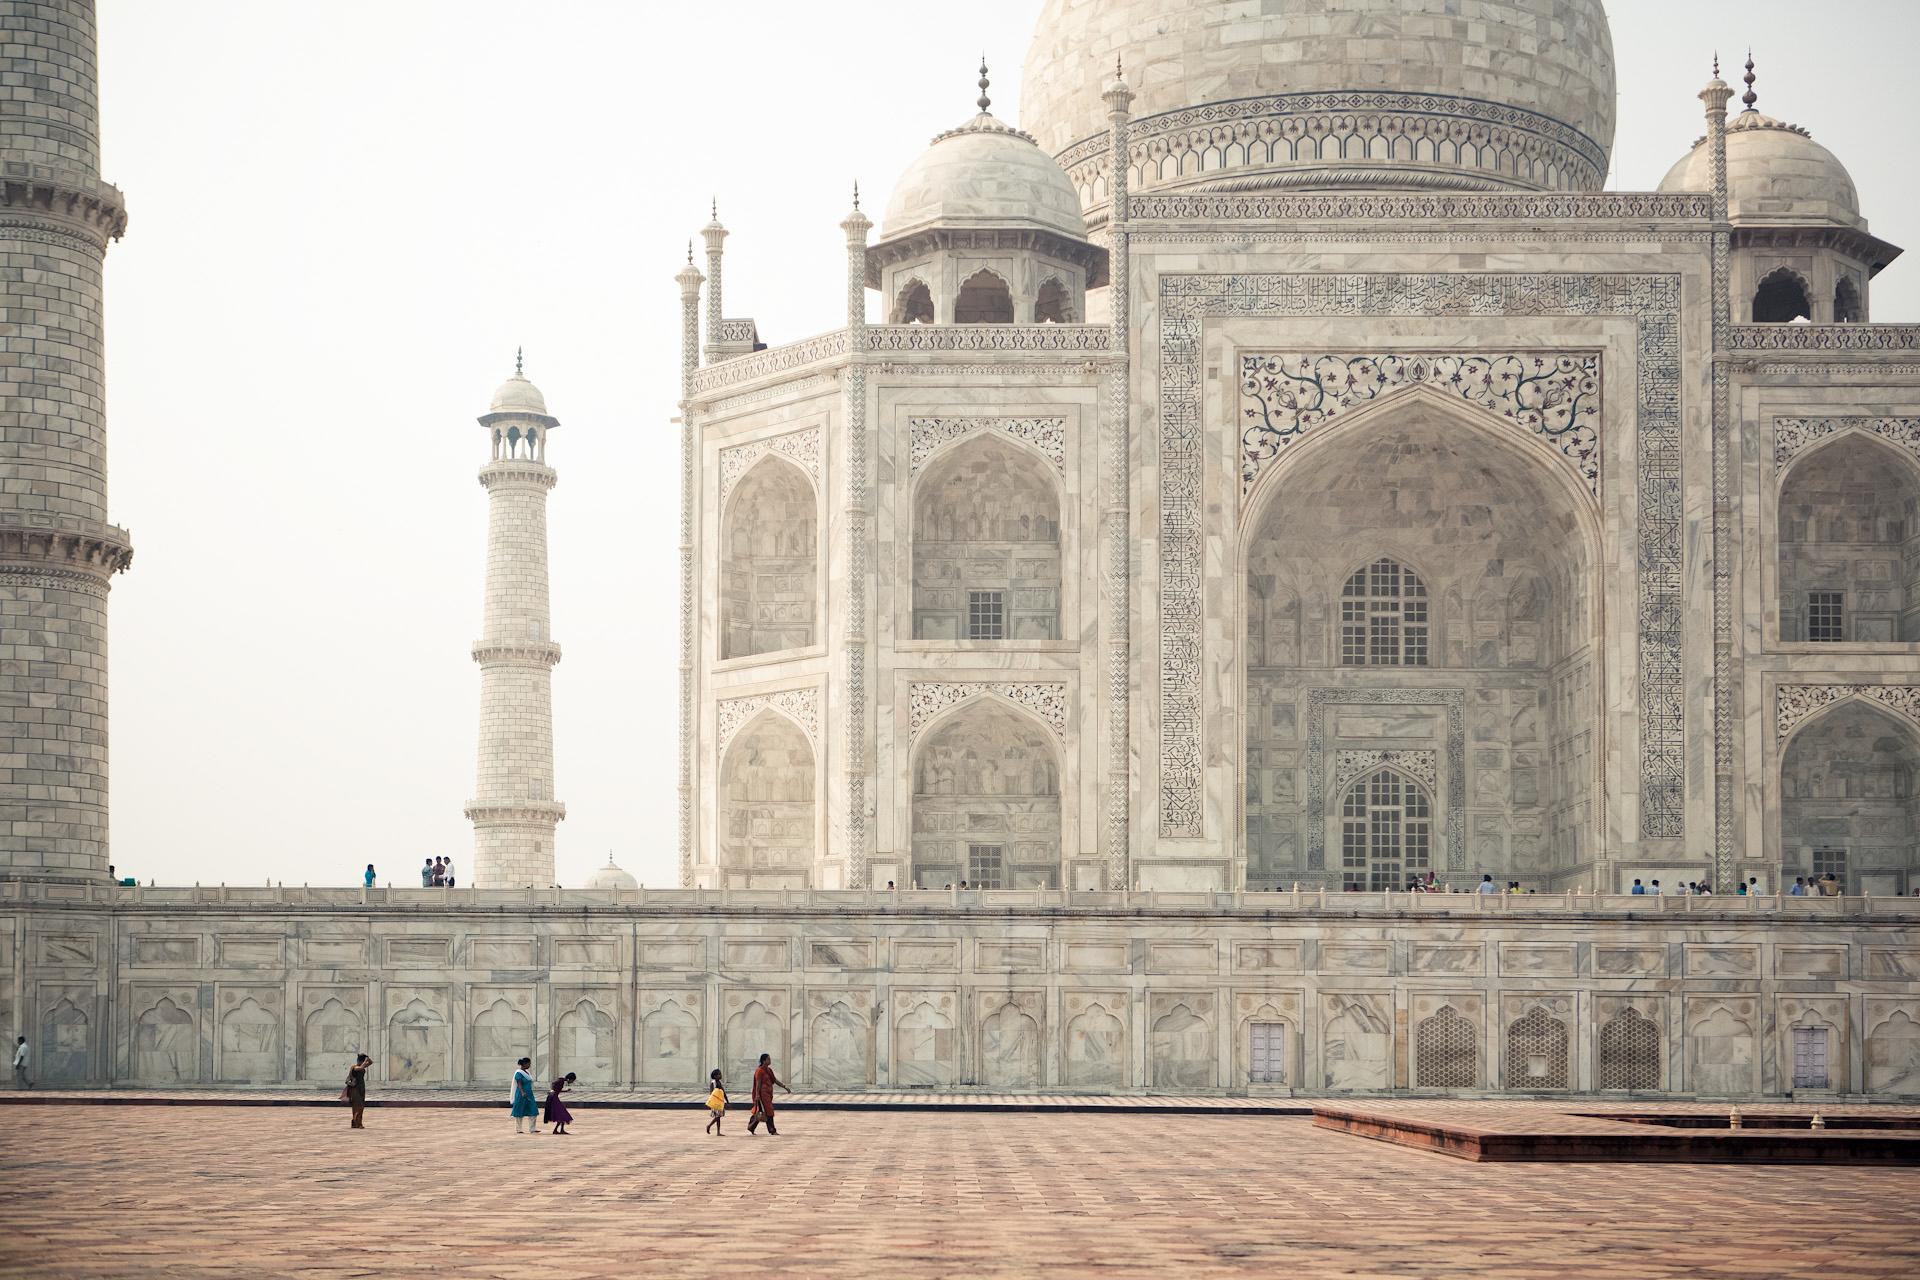 Jason_Bax_Travel_India-Agra-Taj-Mahal_1.JPG